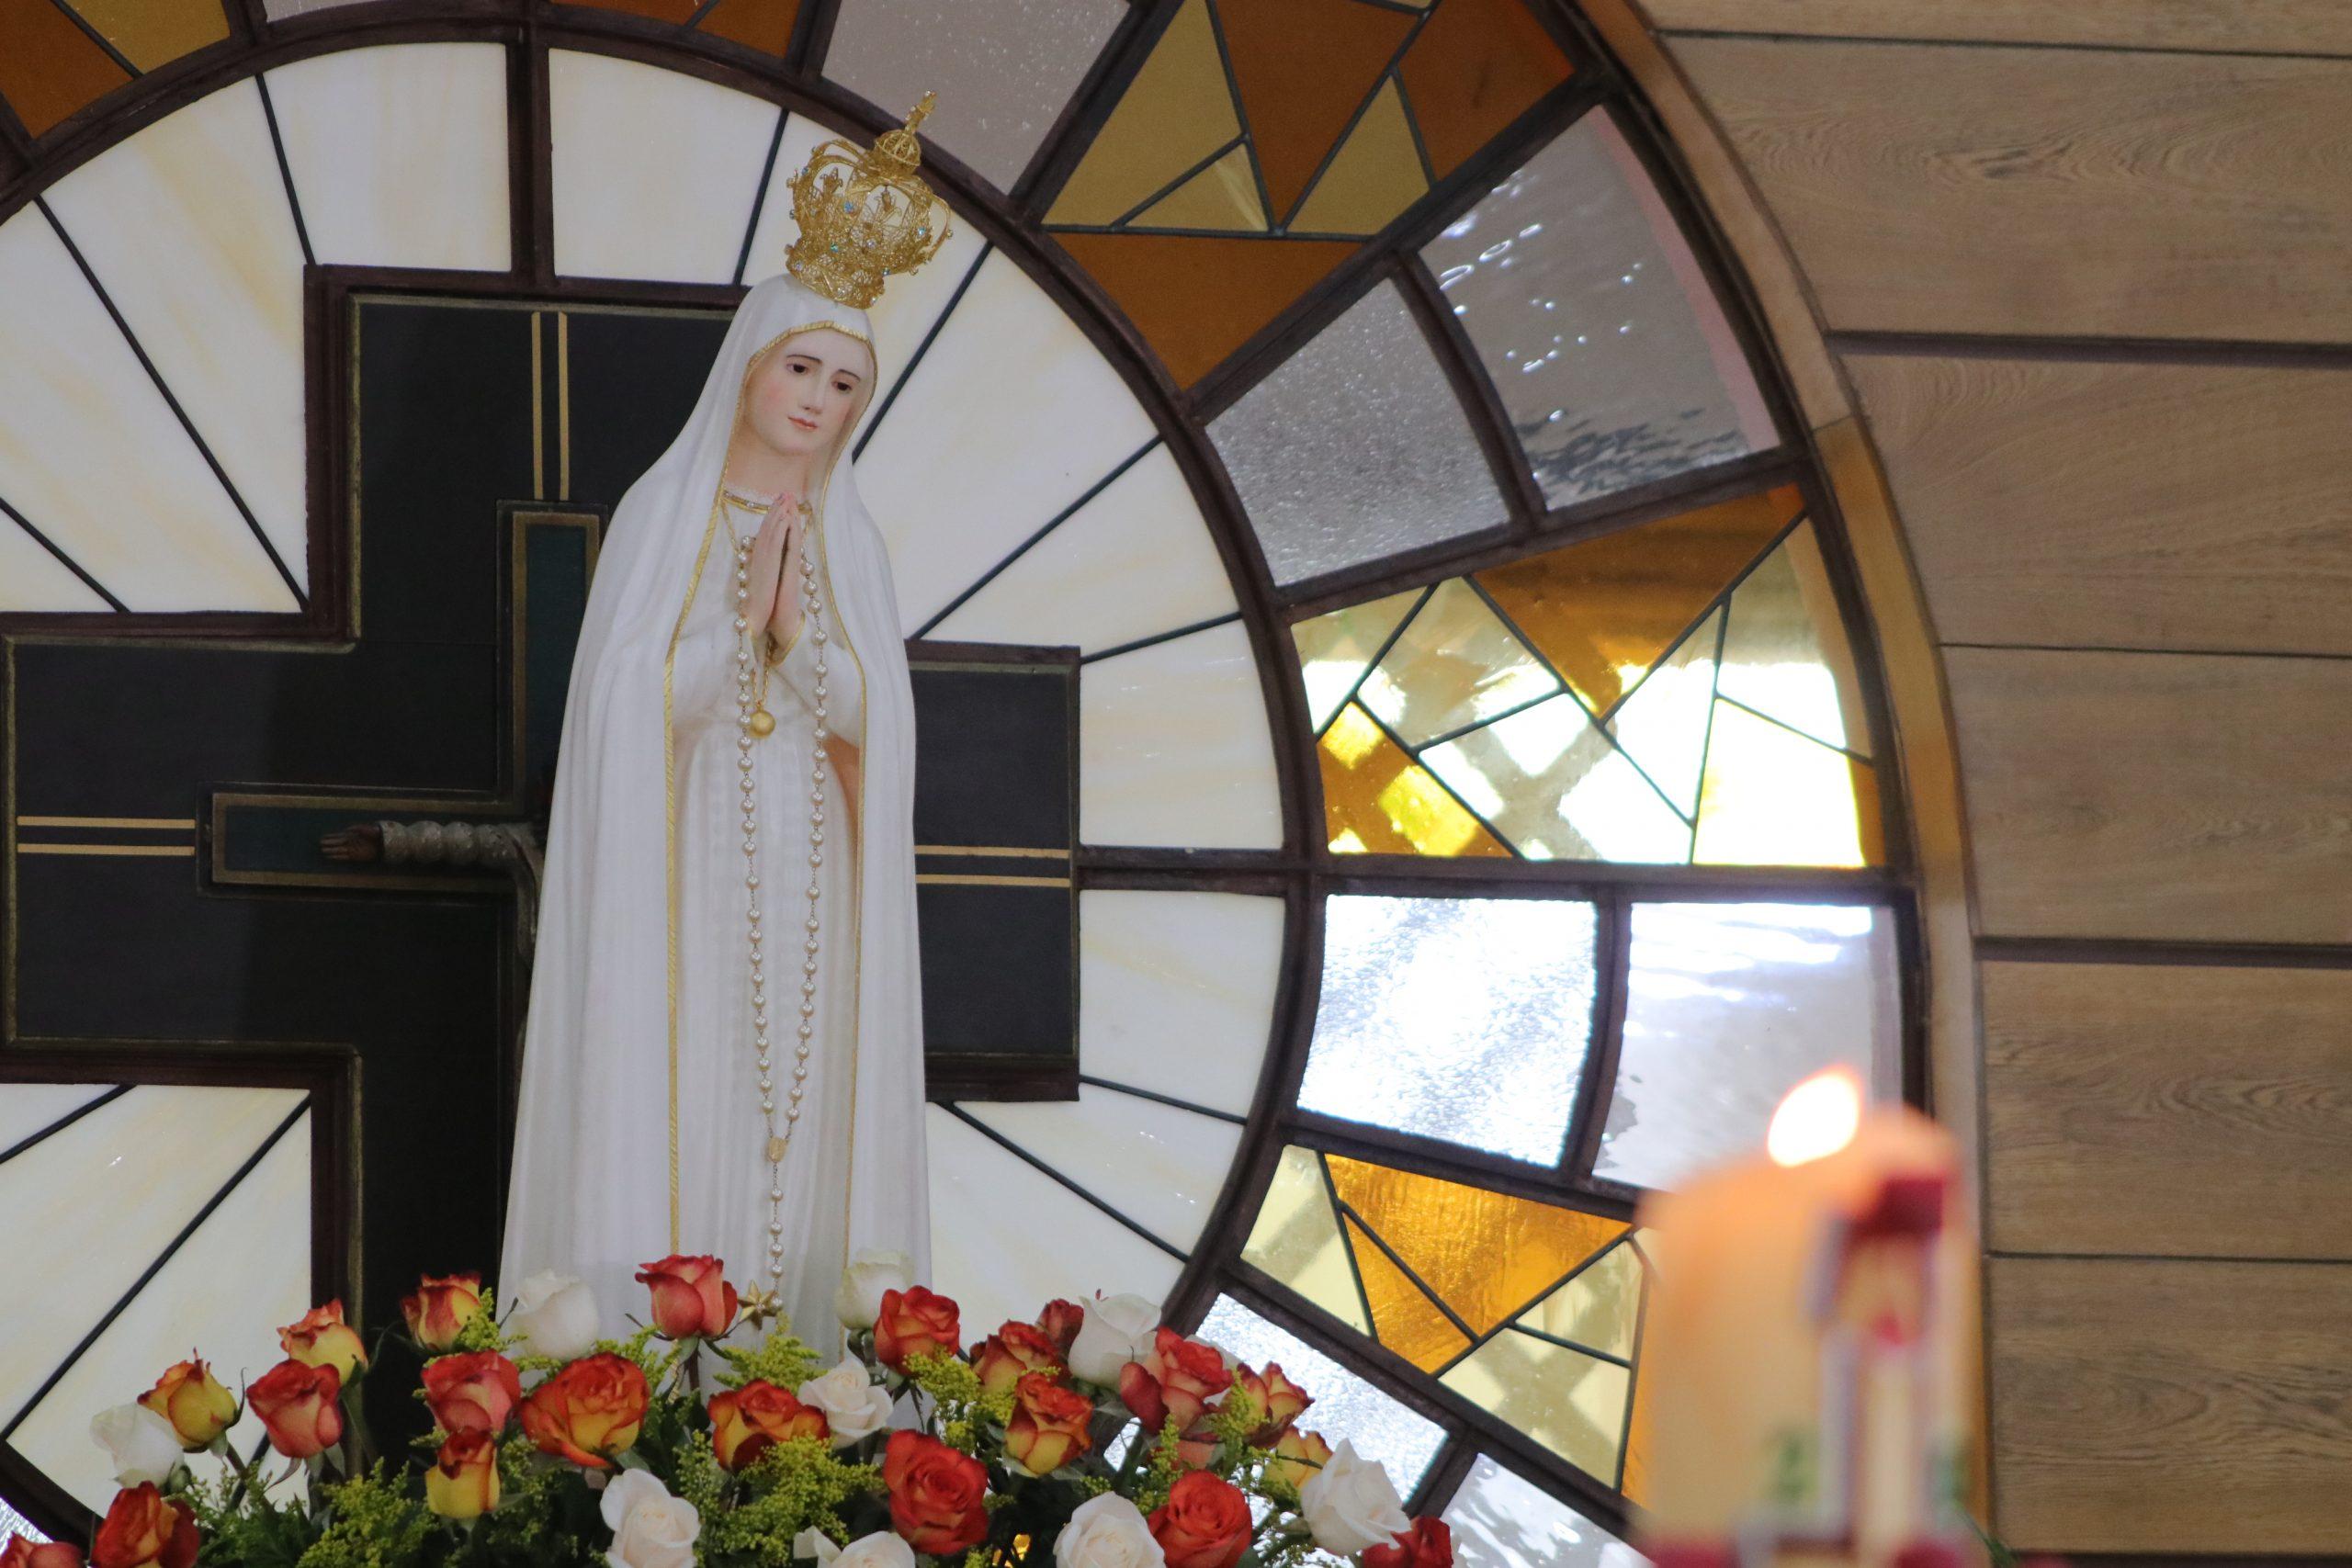 Los dones que recibimos de María Santísima debemos compartirlos con los más necesitados